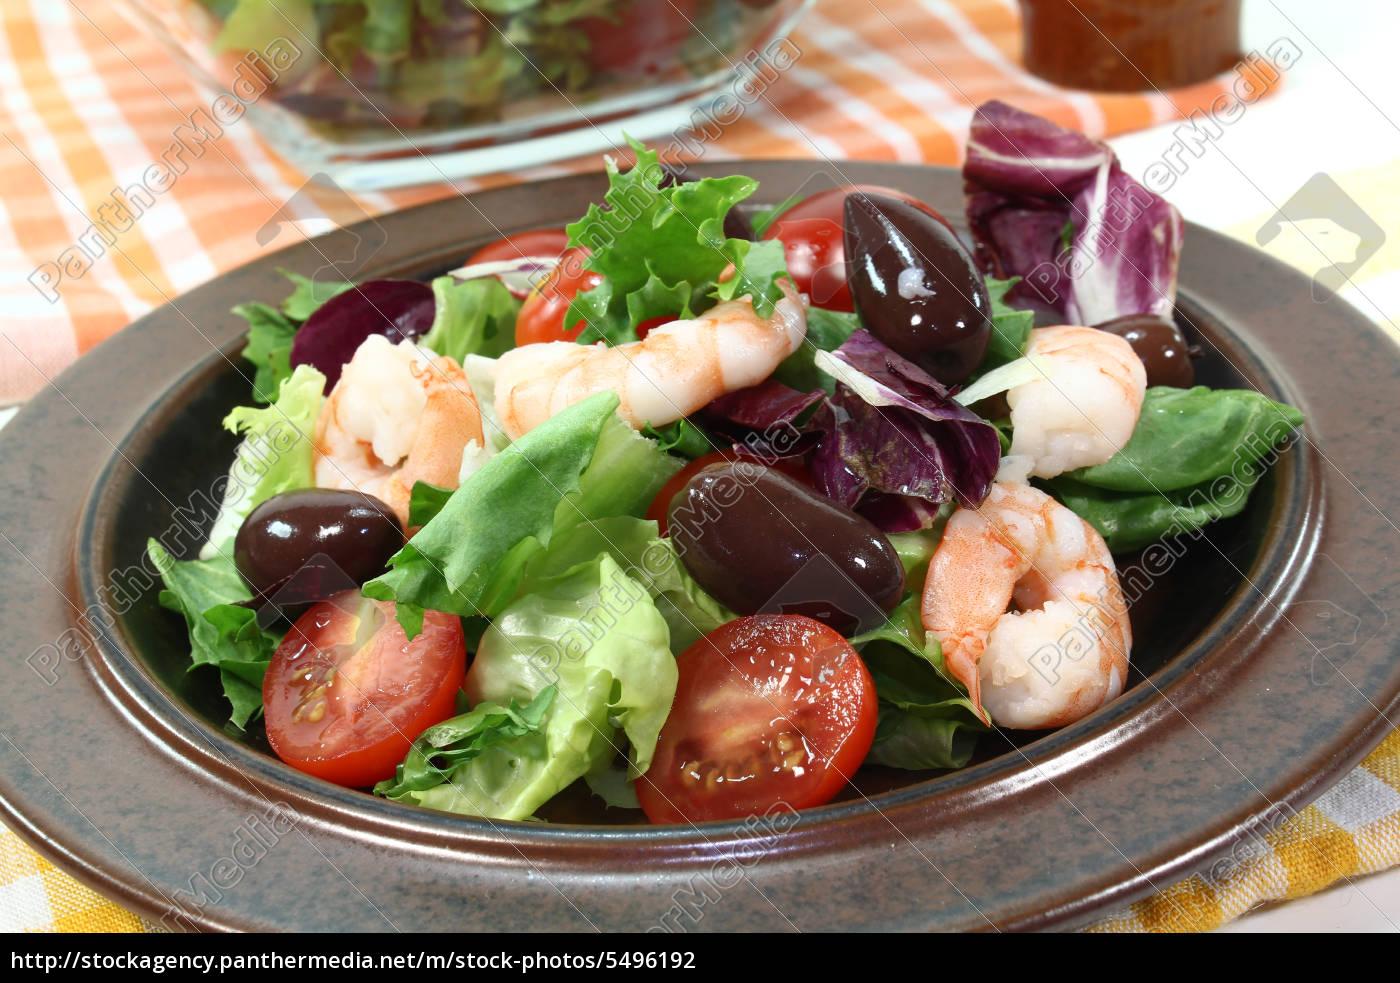 mixed, salad - 5496192